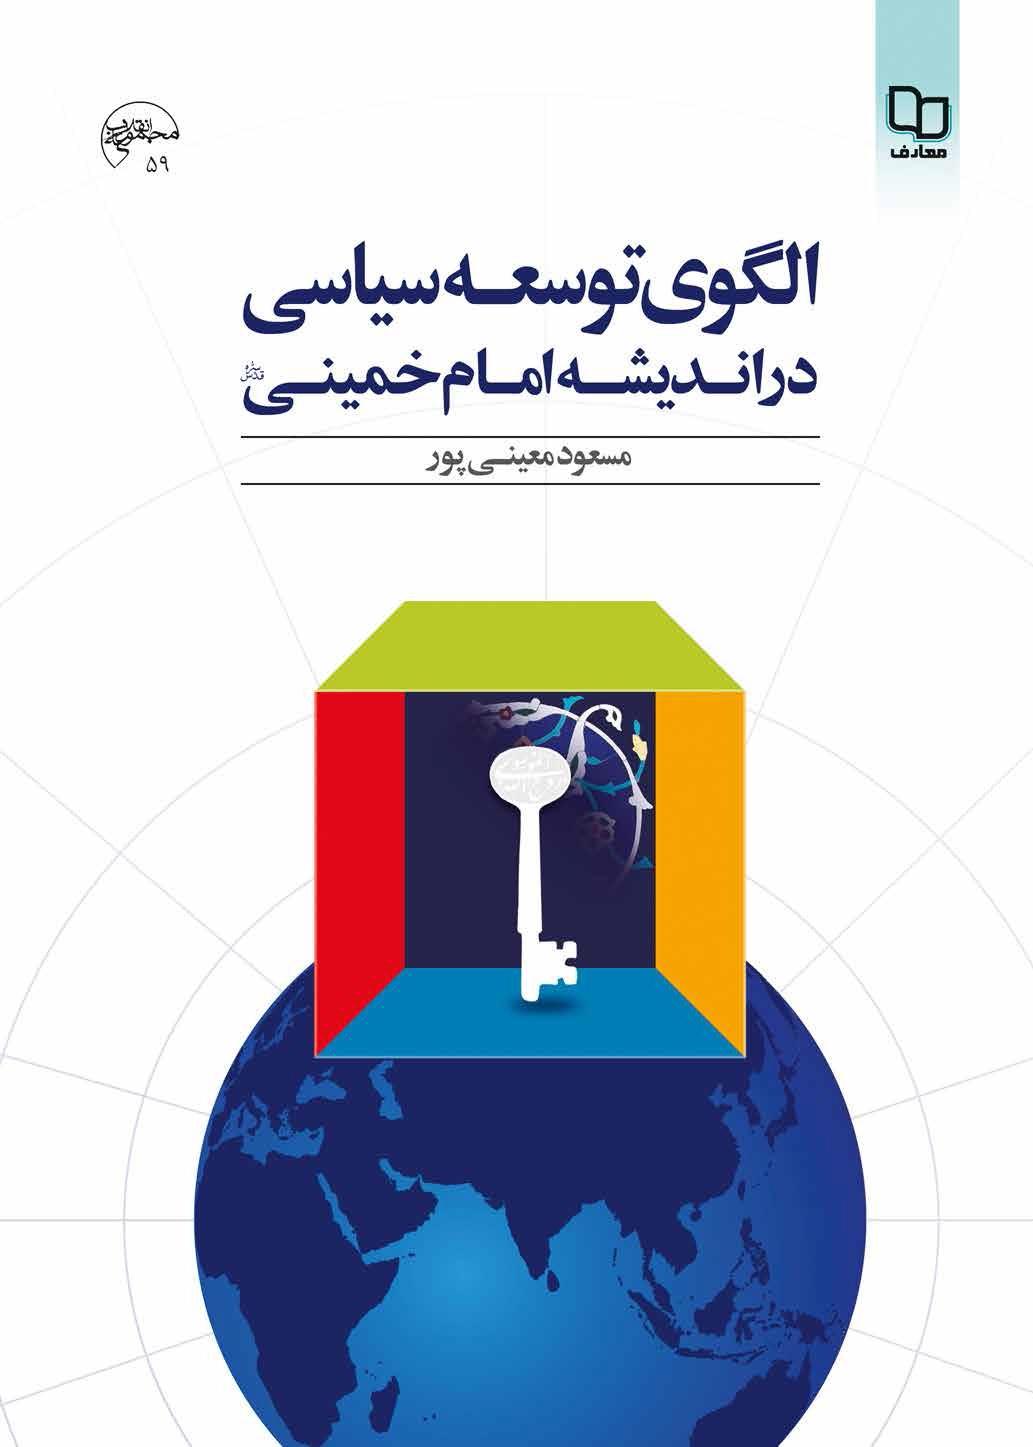 الگوی توسعه سیاسی در اندیشه امام خمینی (ره)